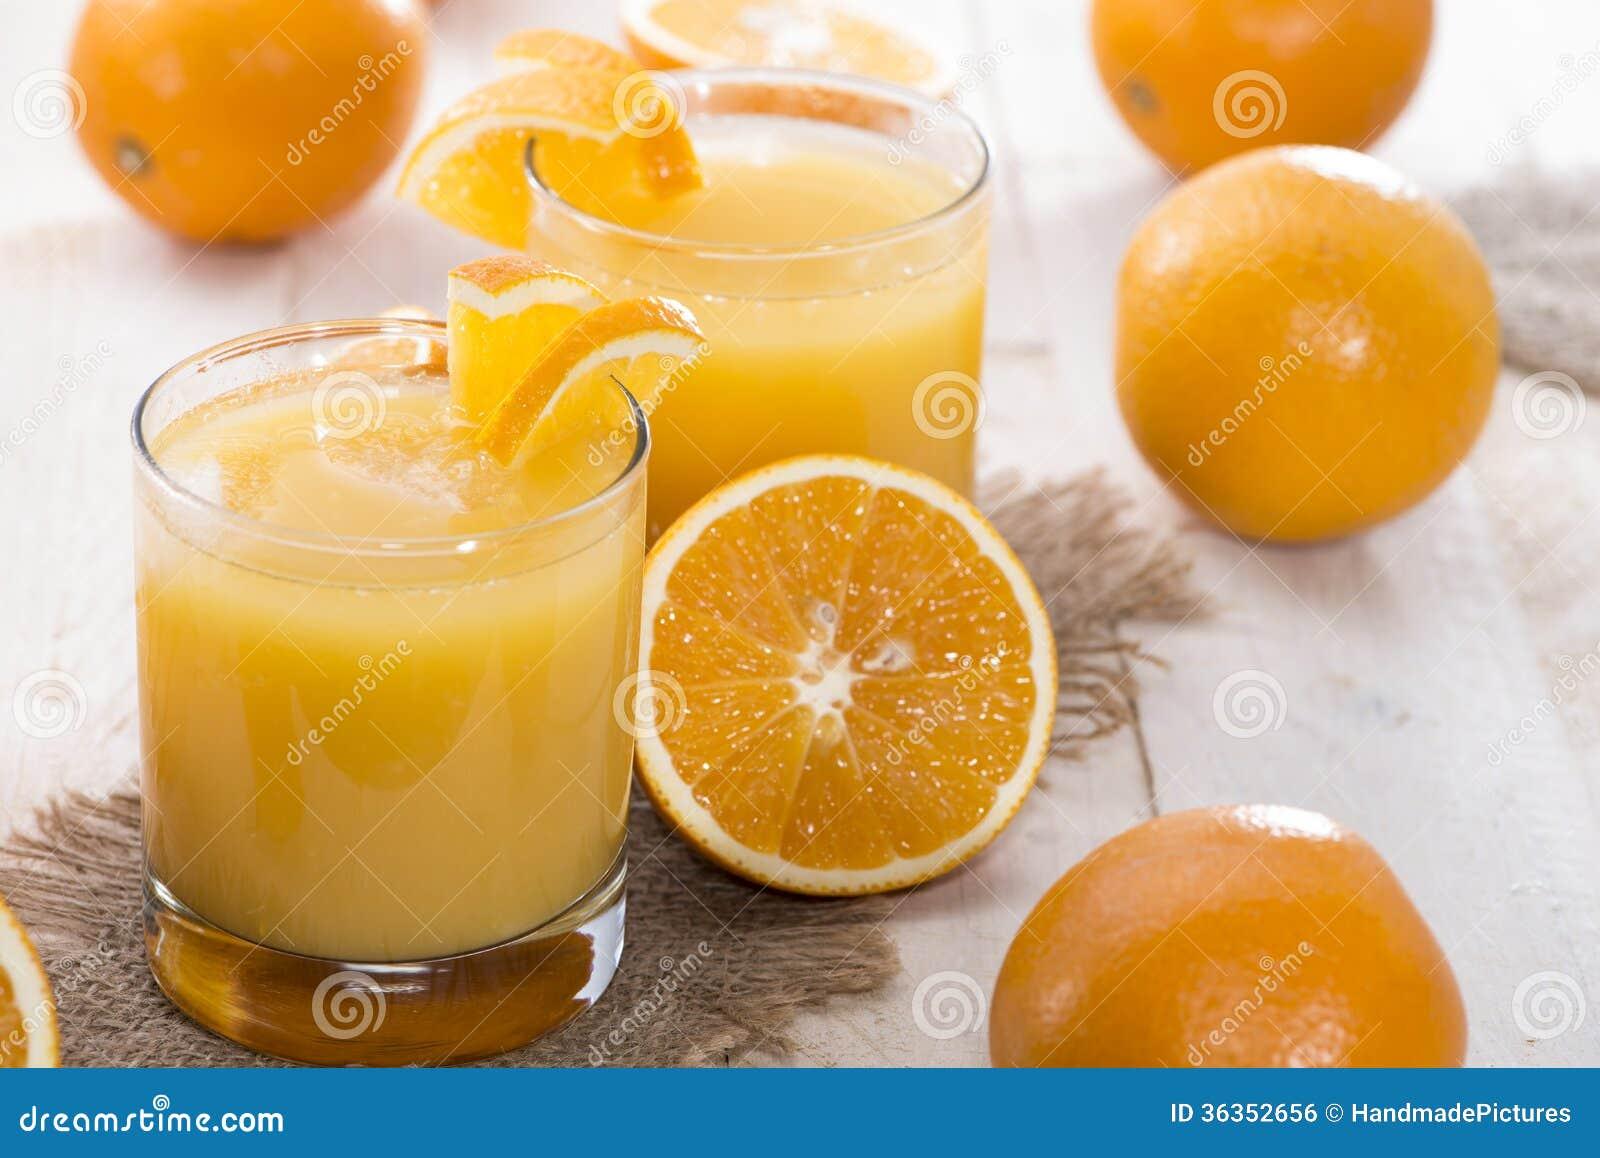 portion of fresh made orange juice royalty free stock image